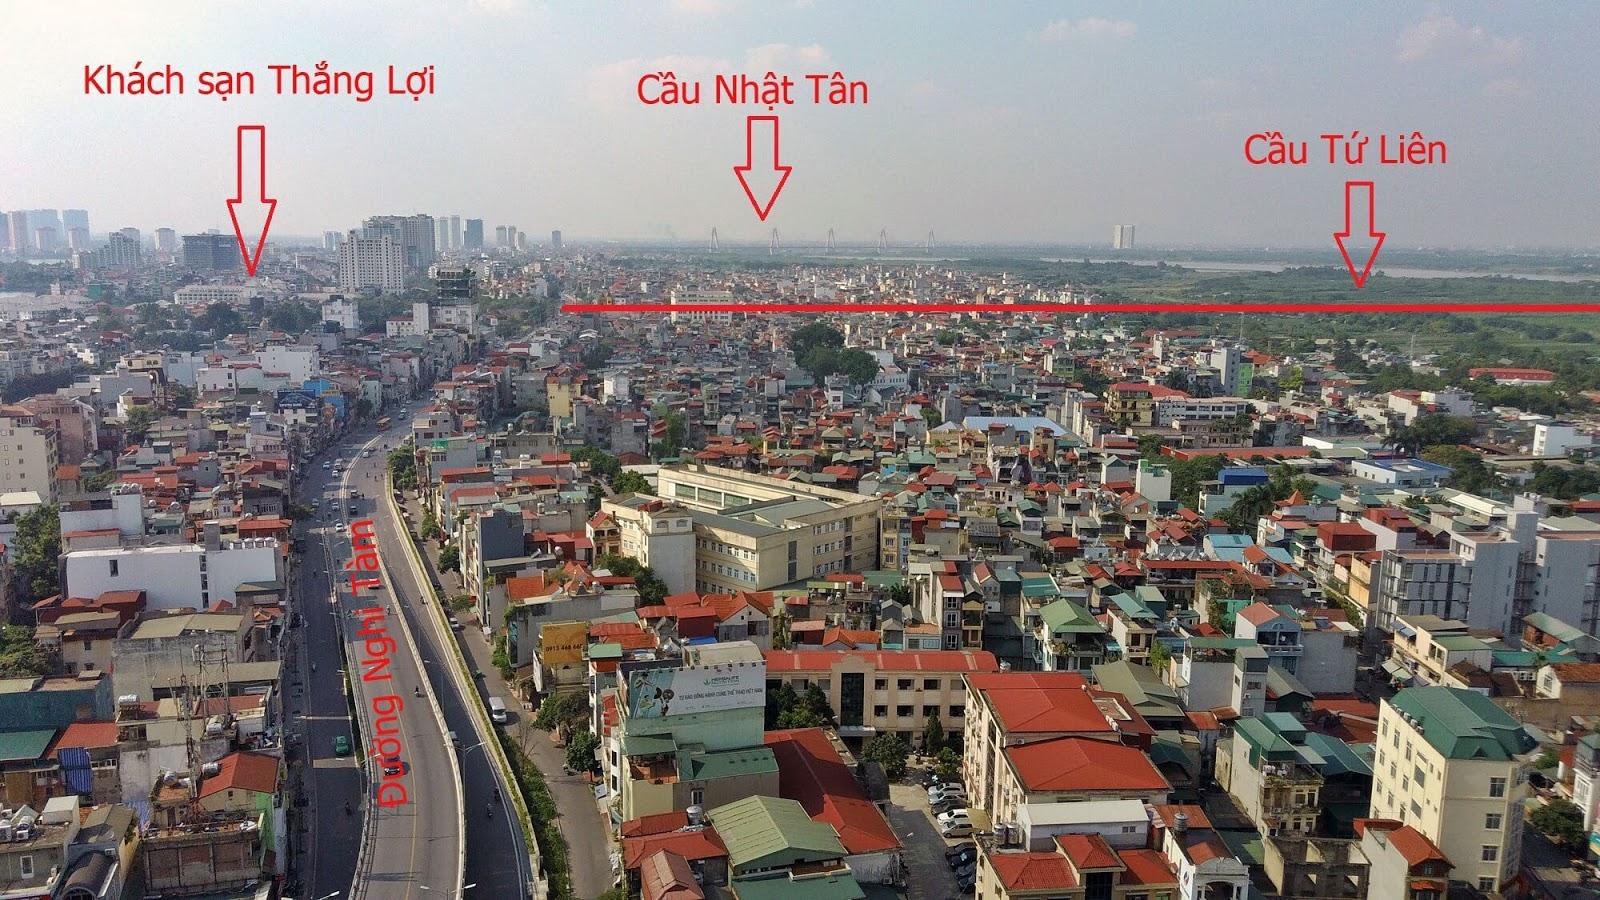 Điểm xuống là nút giao gần khách sạn Thắng Lợi.